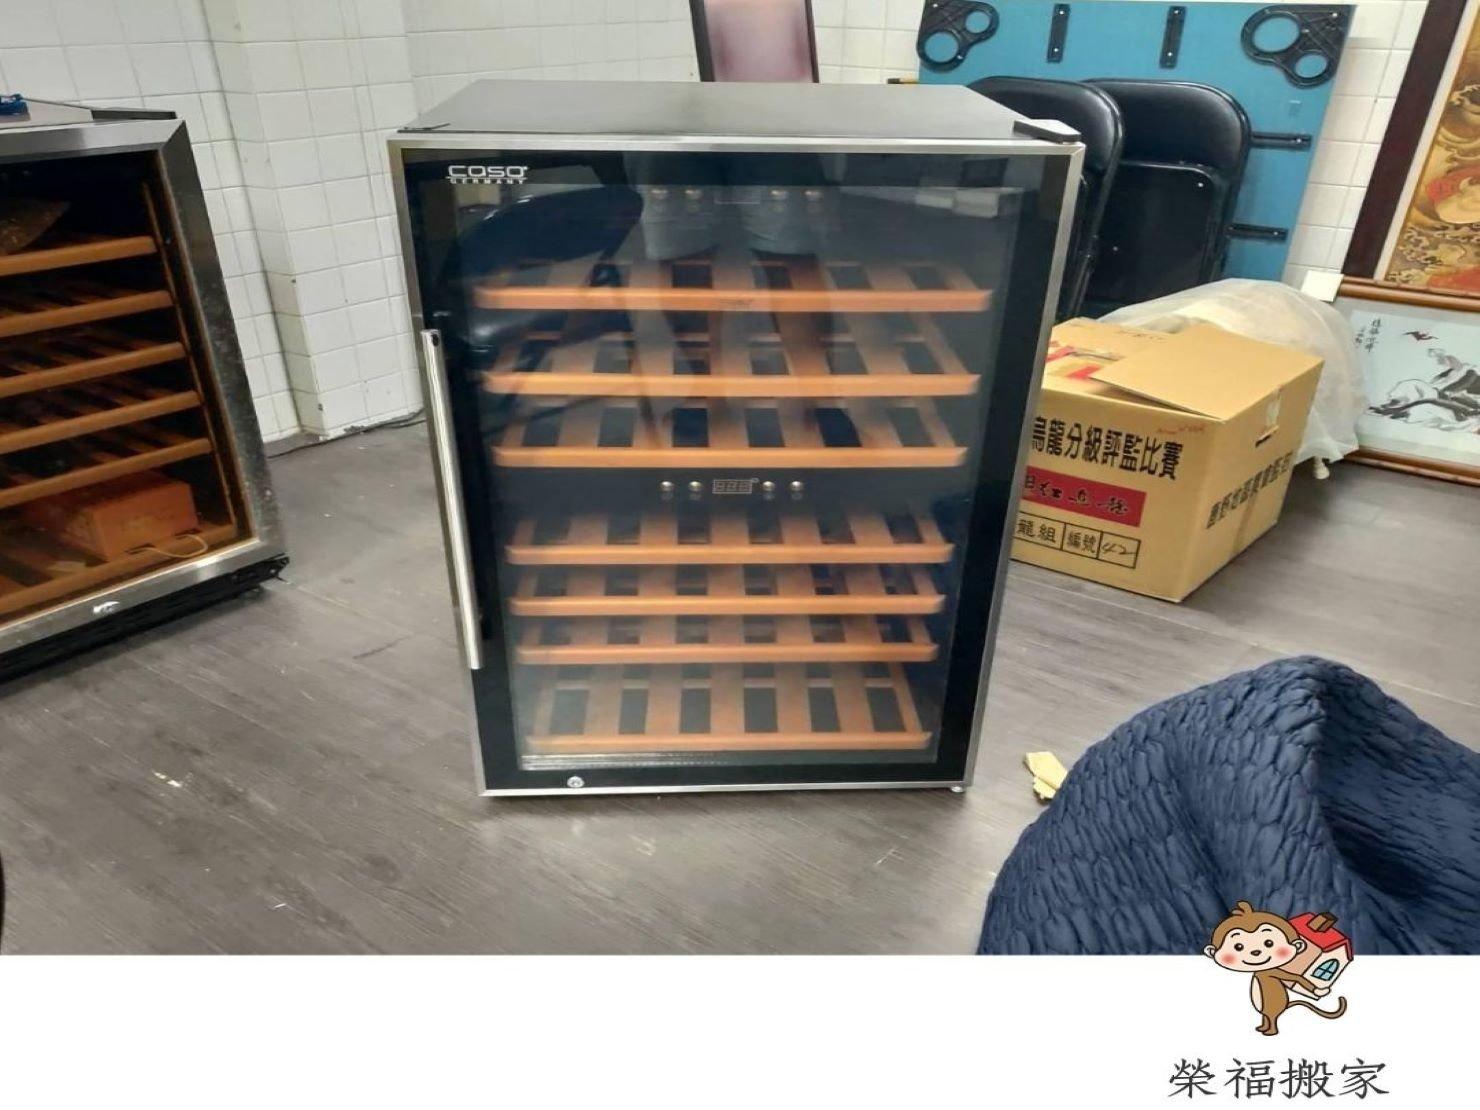 【搬家實錄】紅酒瓶與紅酒櫃精緻包裝搬運過程,看榮福如何精緻包裝搬運